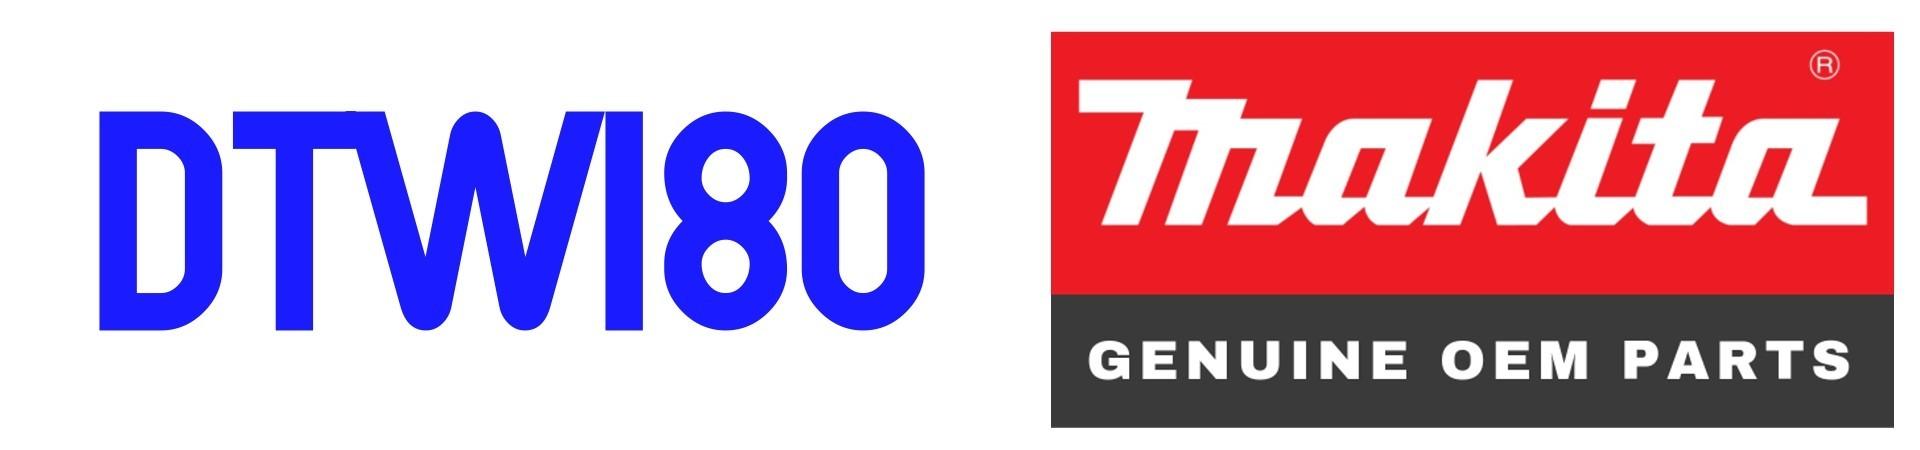 RECAMBIOS para Llave de Impacto Makita DTW180 al Mejor PRECIO